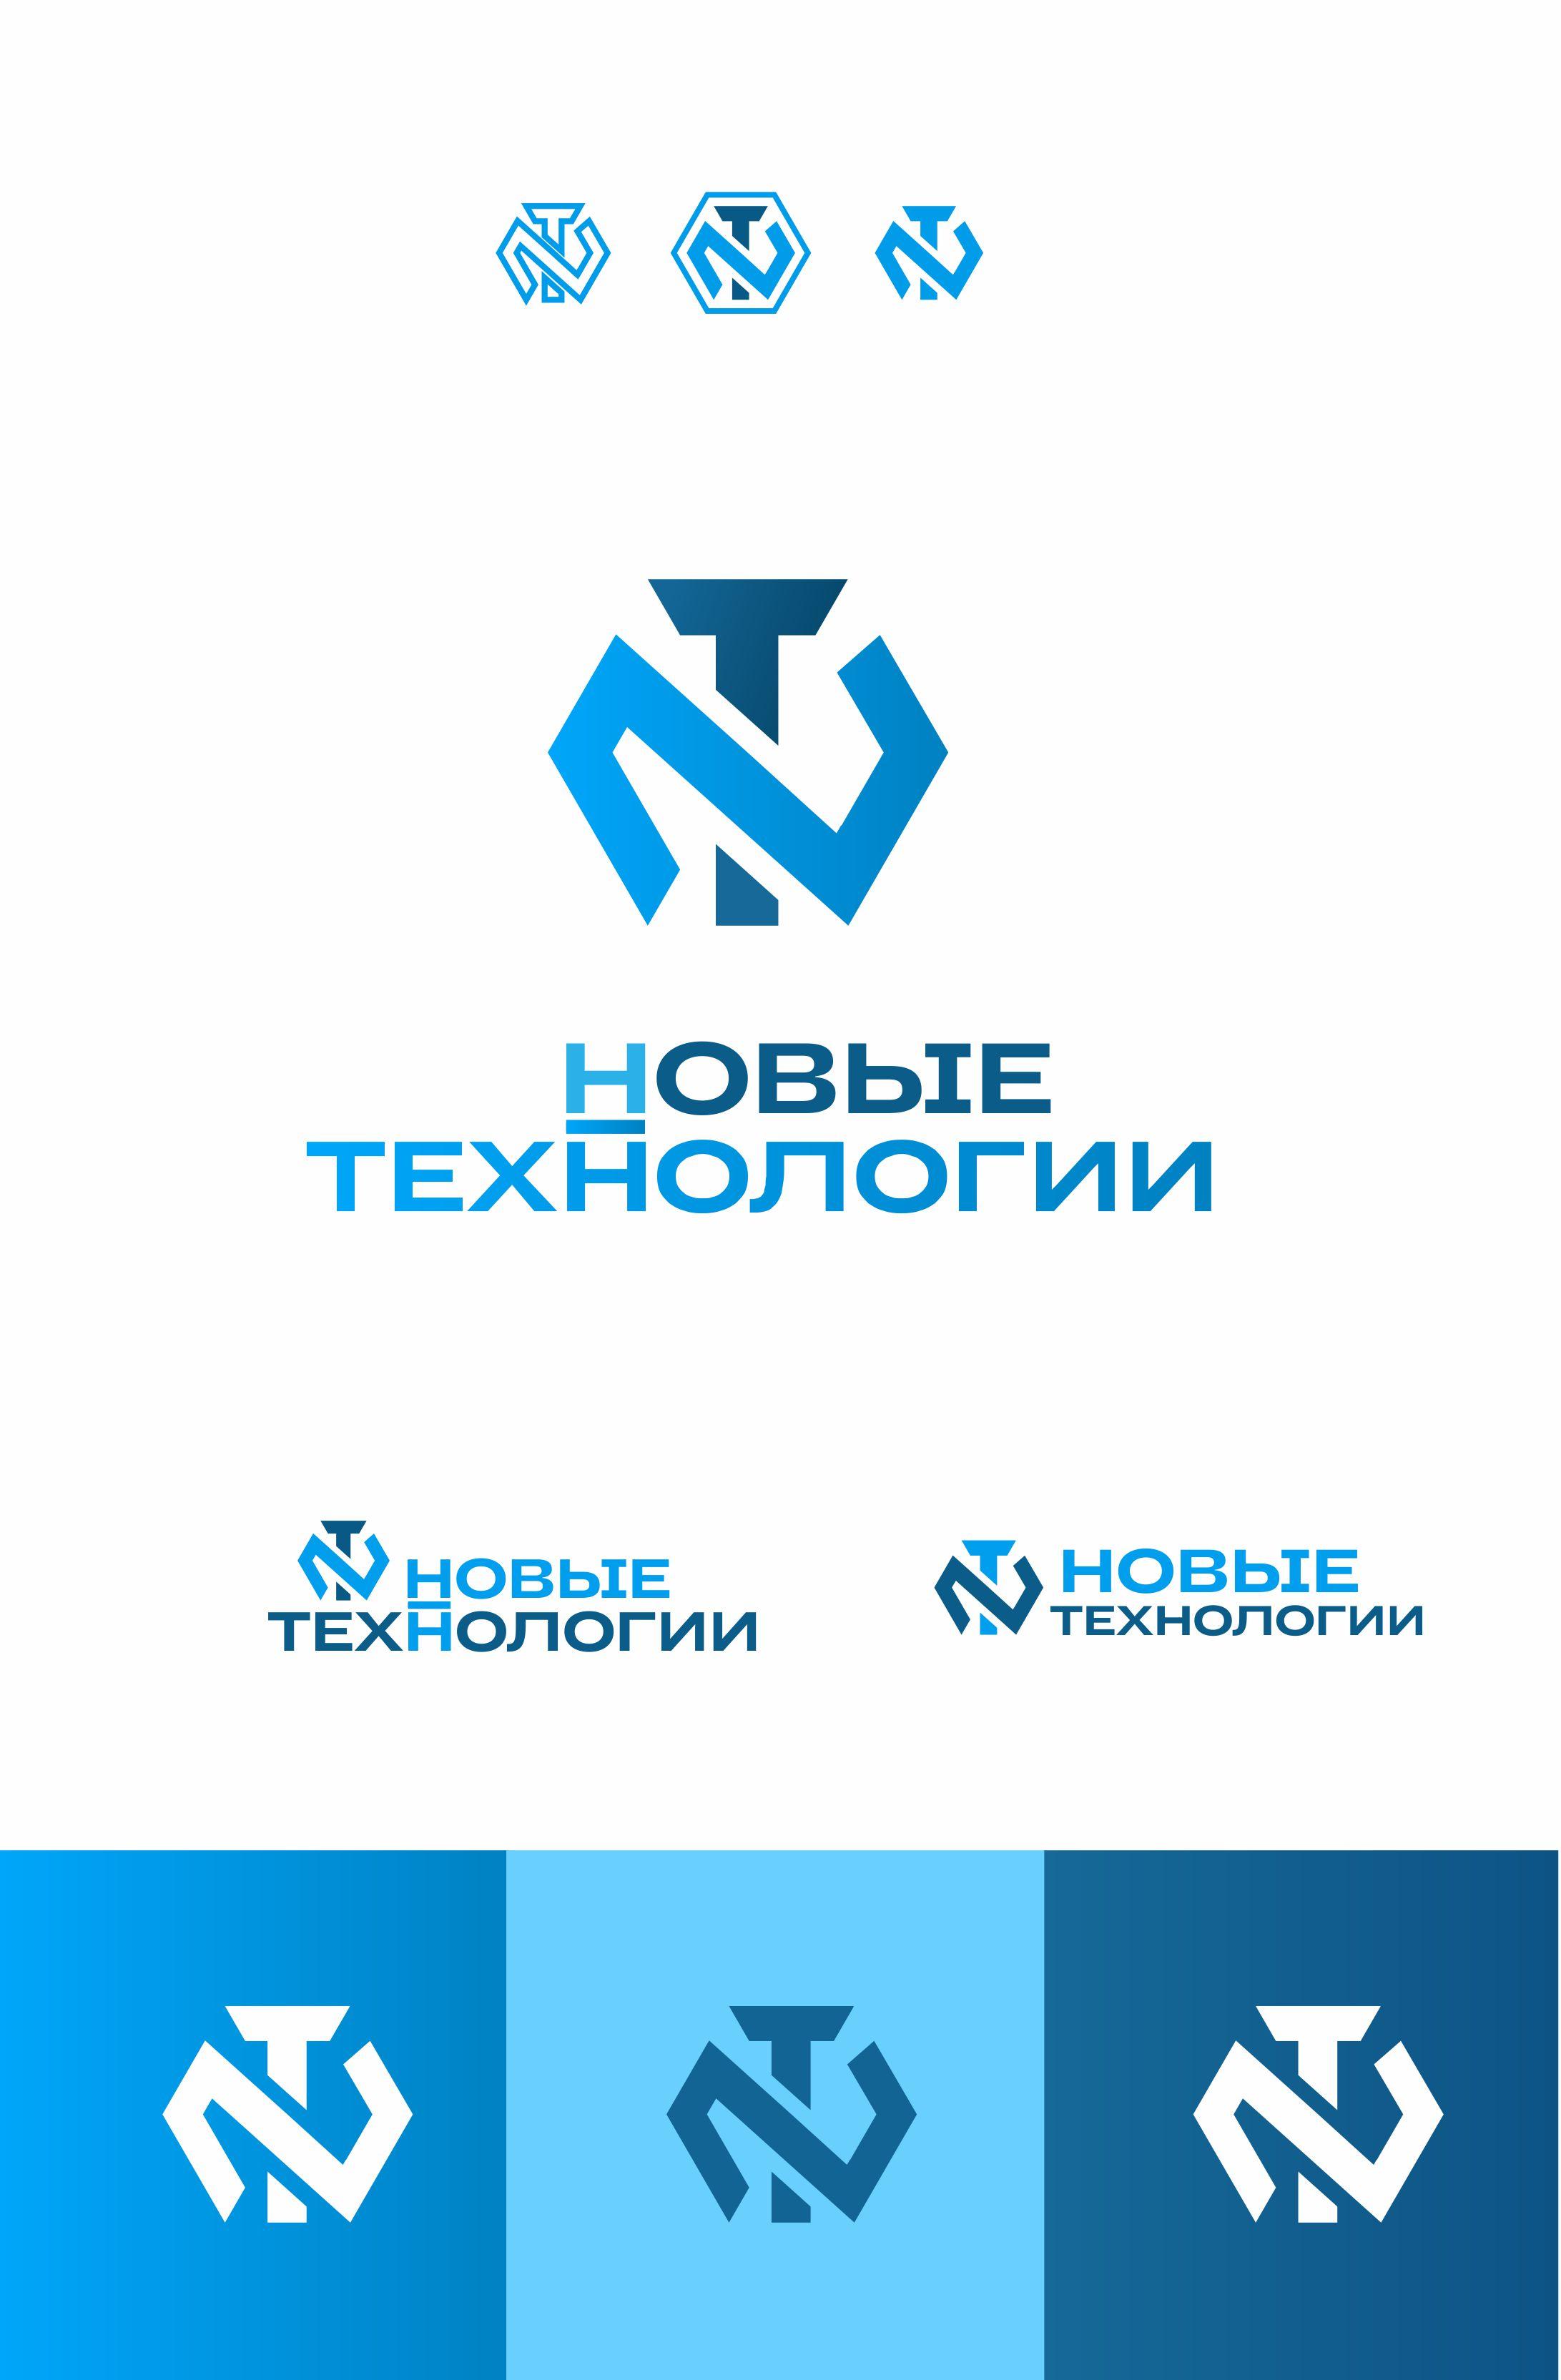 Разработка логотипа и фирменного стиля фото f_3375e88bbf6f099e.jpg